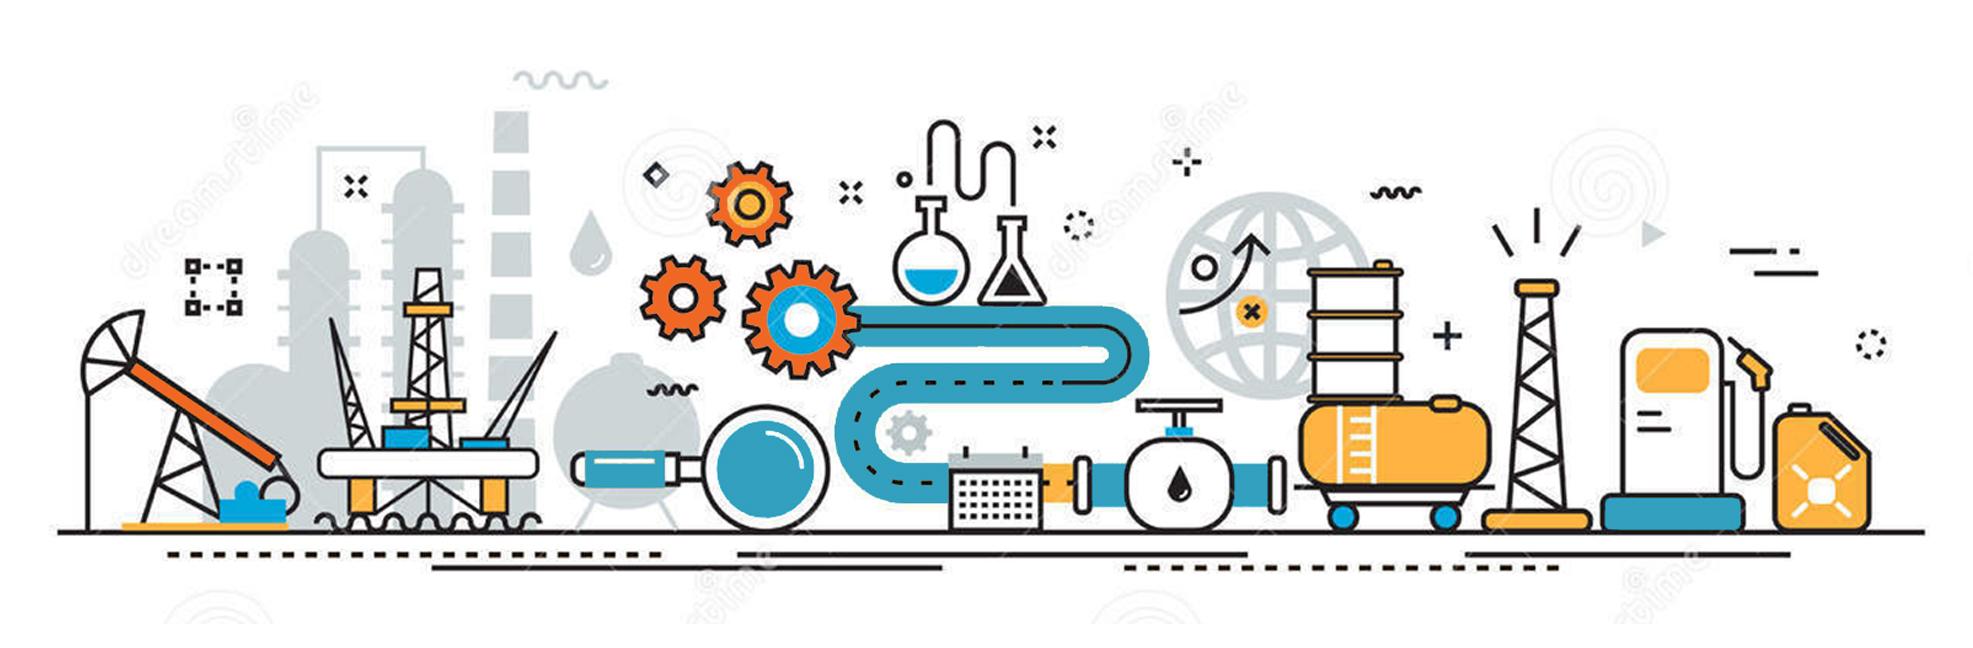 COP encourages smart production processes - zapoj blogs